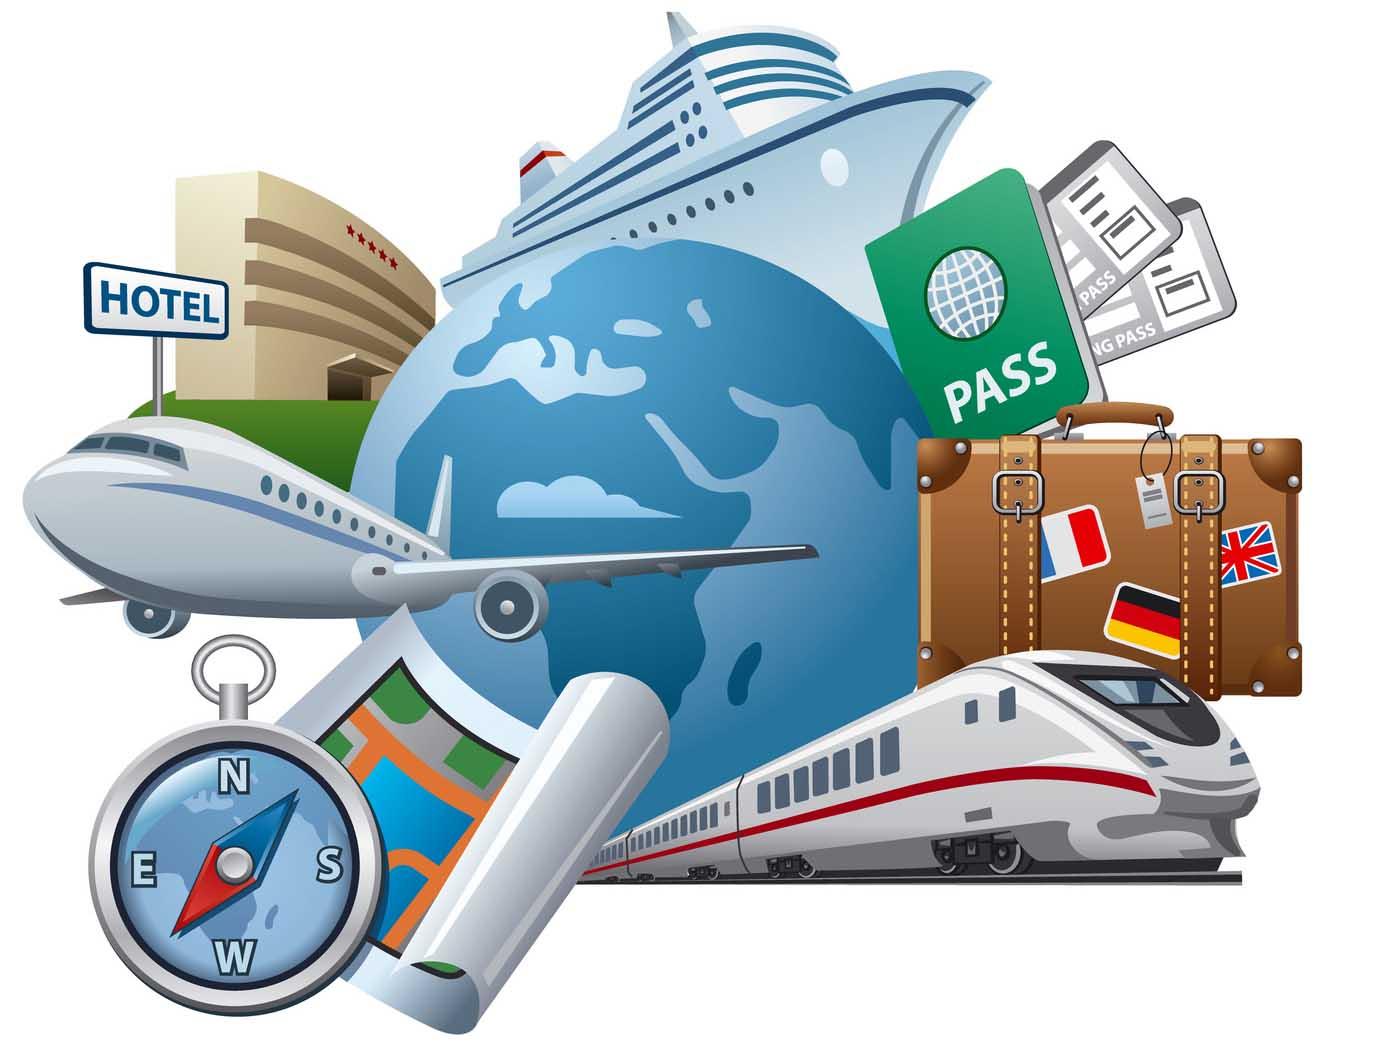 comparto turistico turismo in italia vacanze turismo trasporti